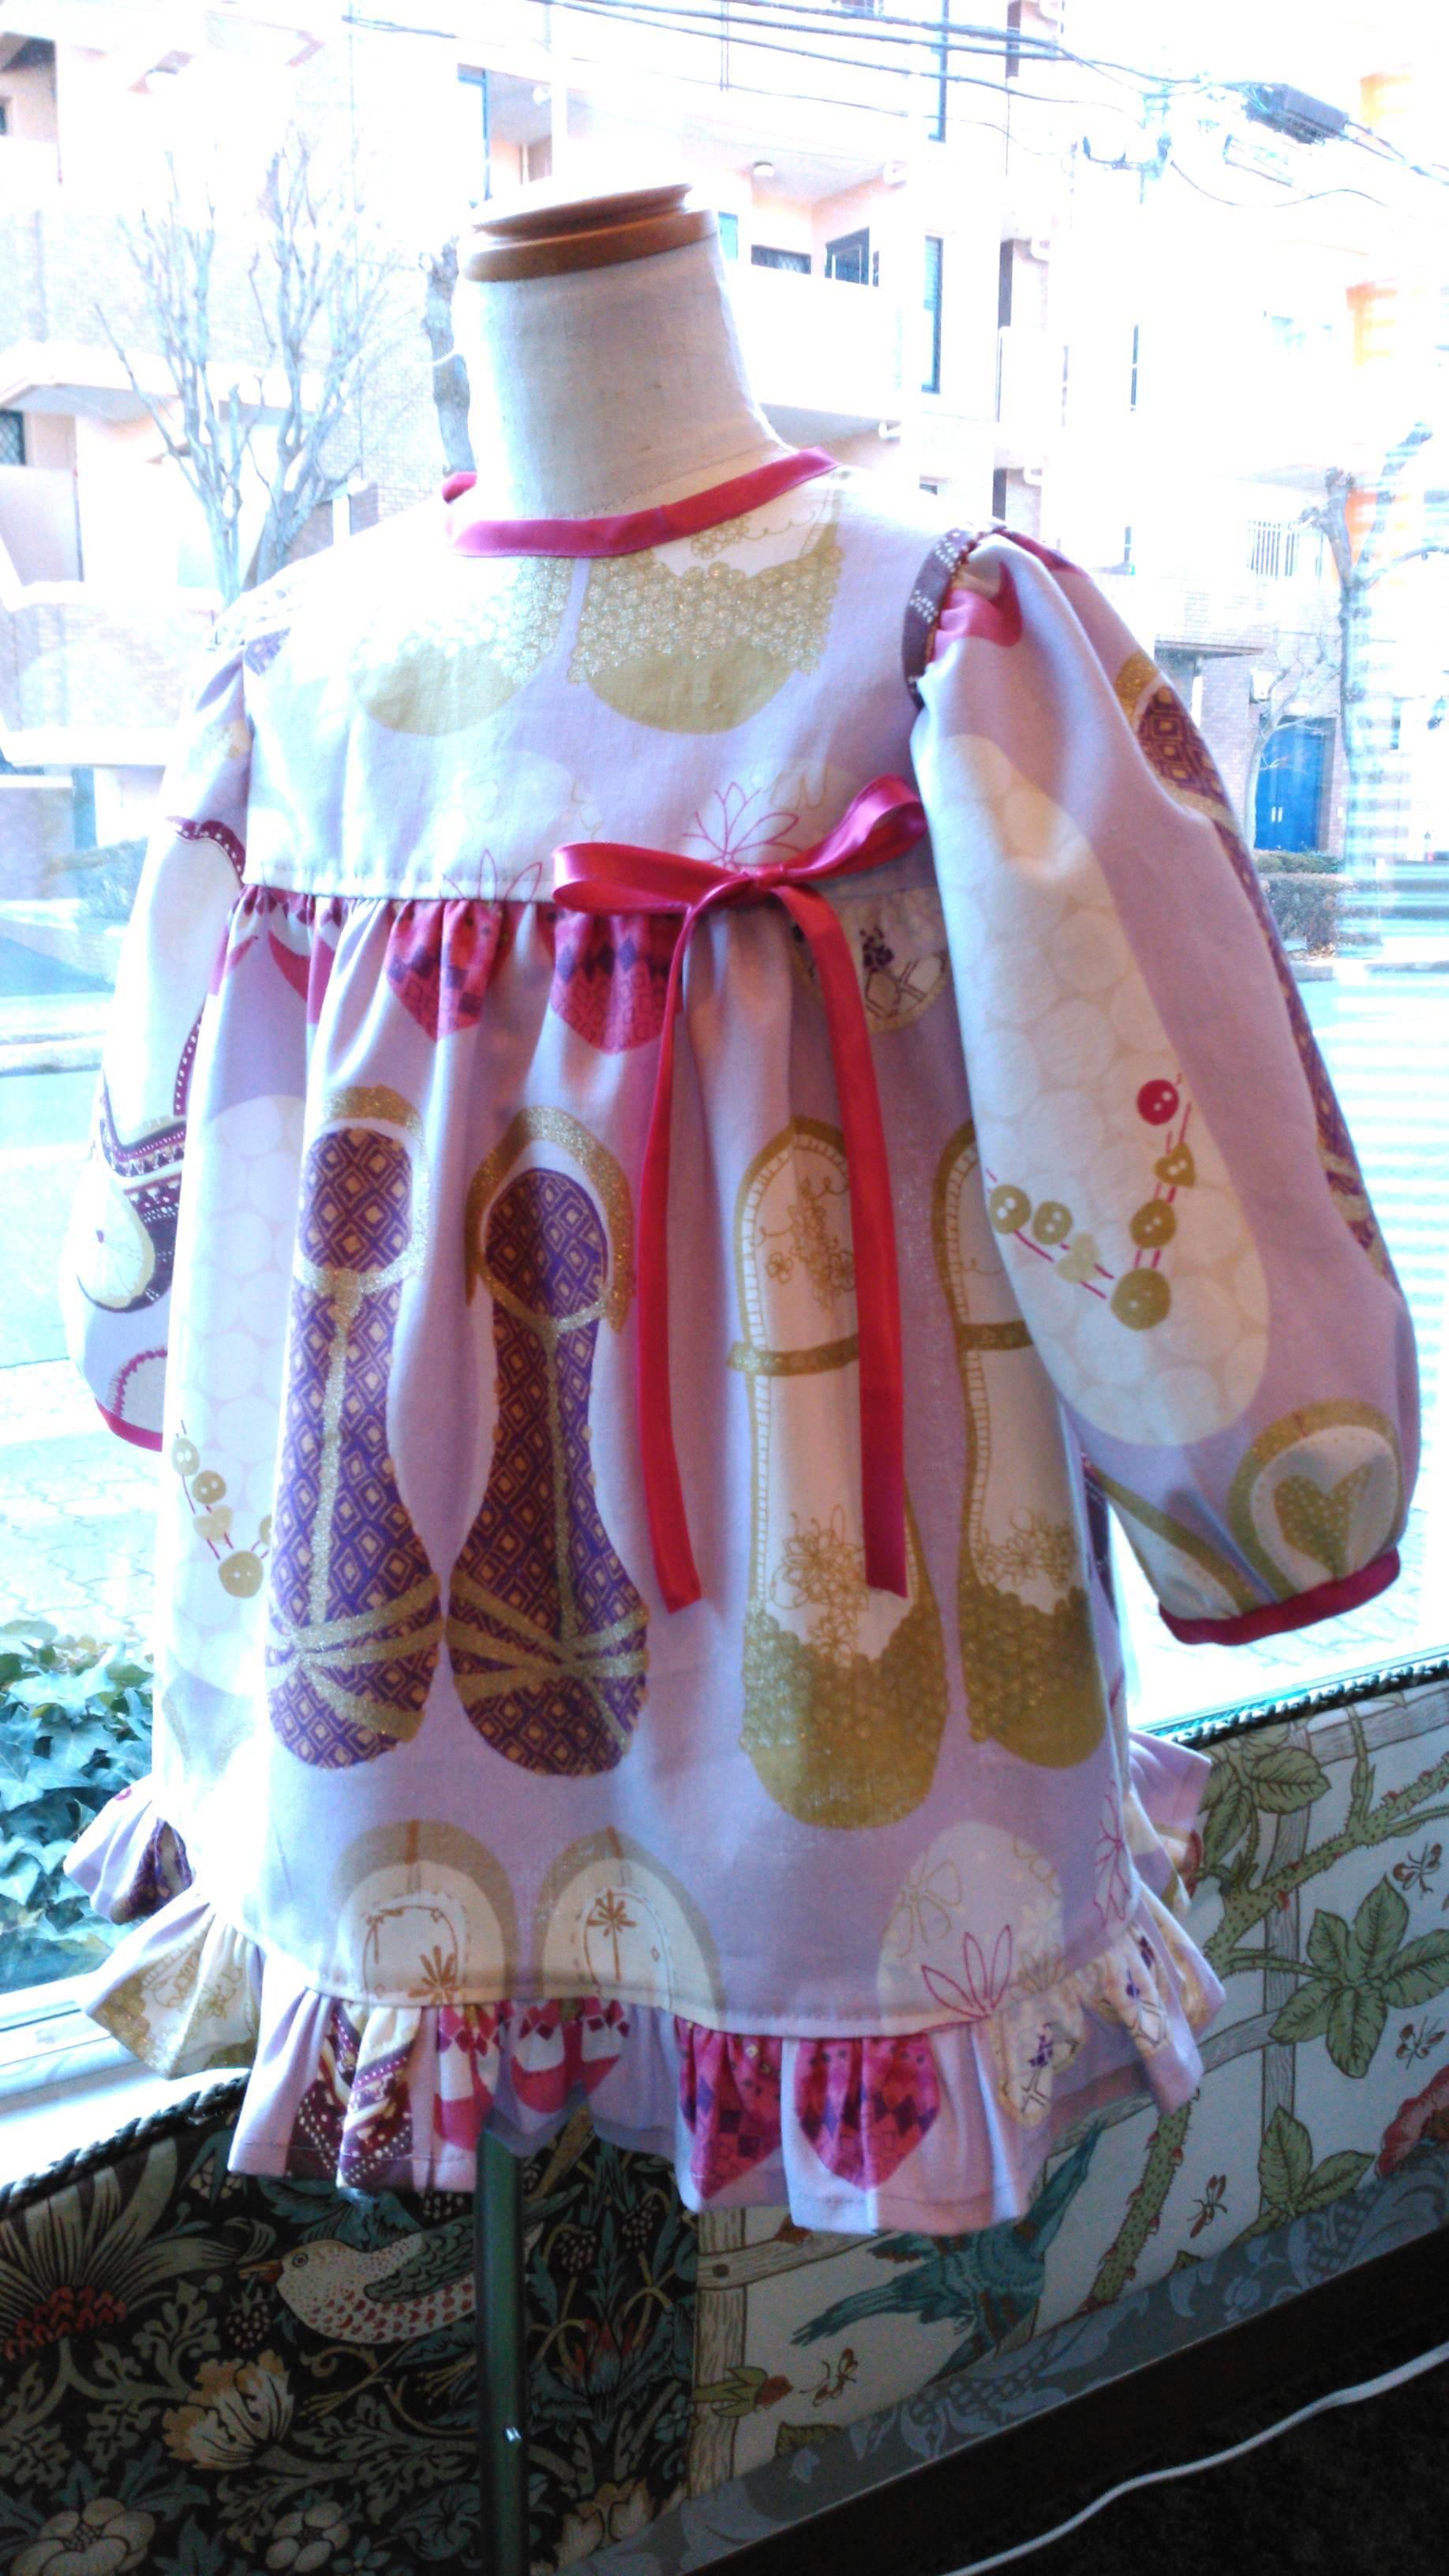 カーテン生地で作る子供服 イギリス『ハーレクイン』_c0157866_12270080.jpg